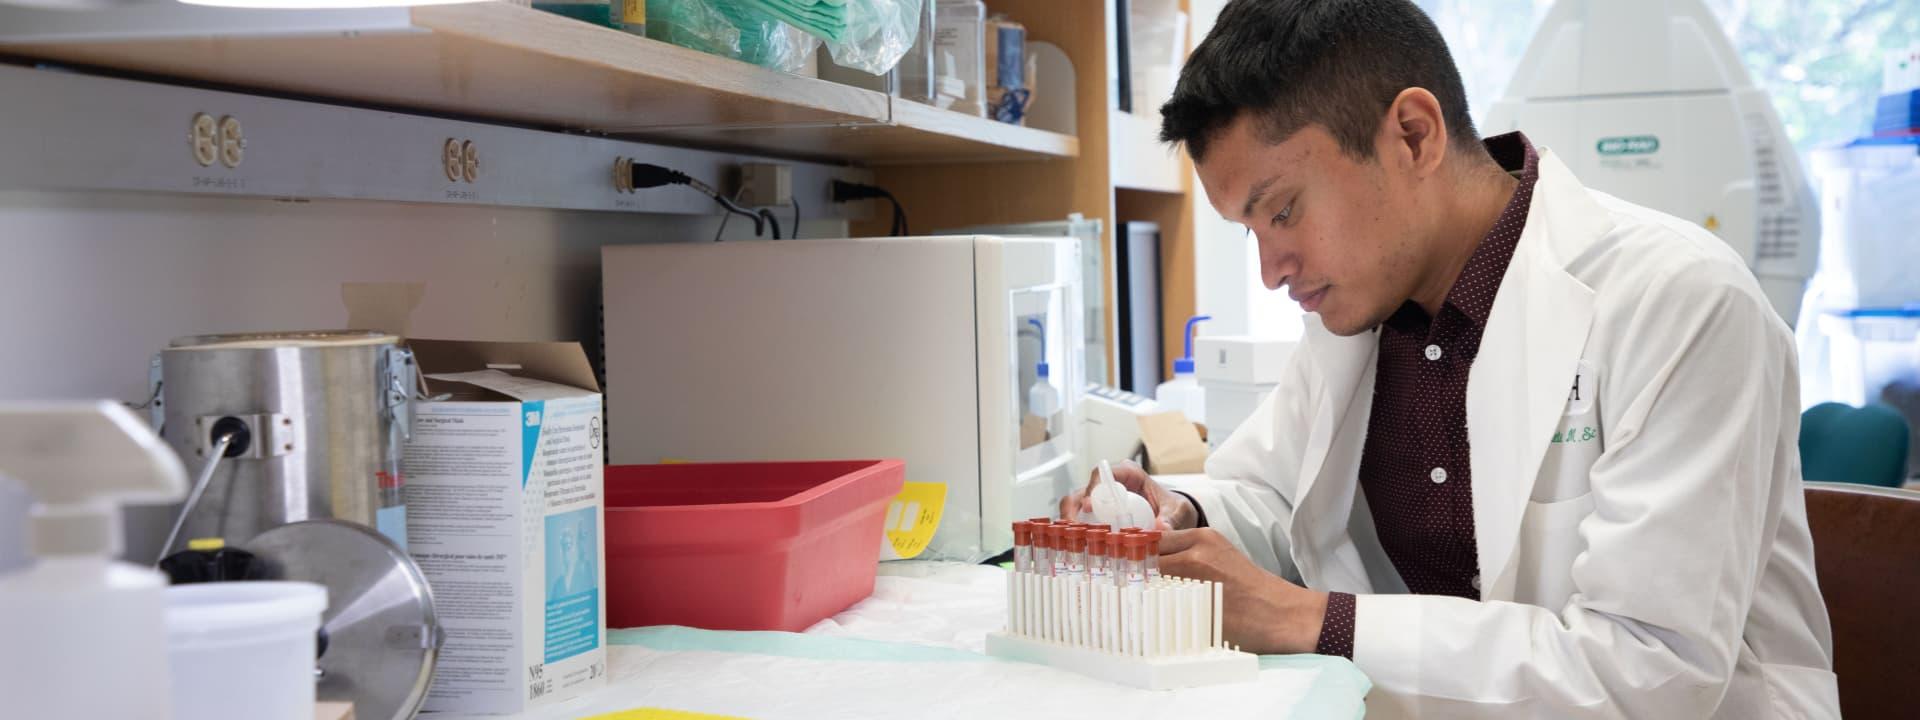 A Rush researcher in a lab.